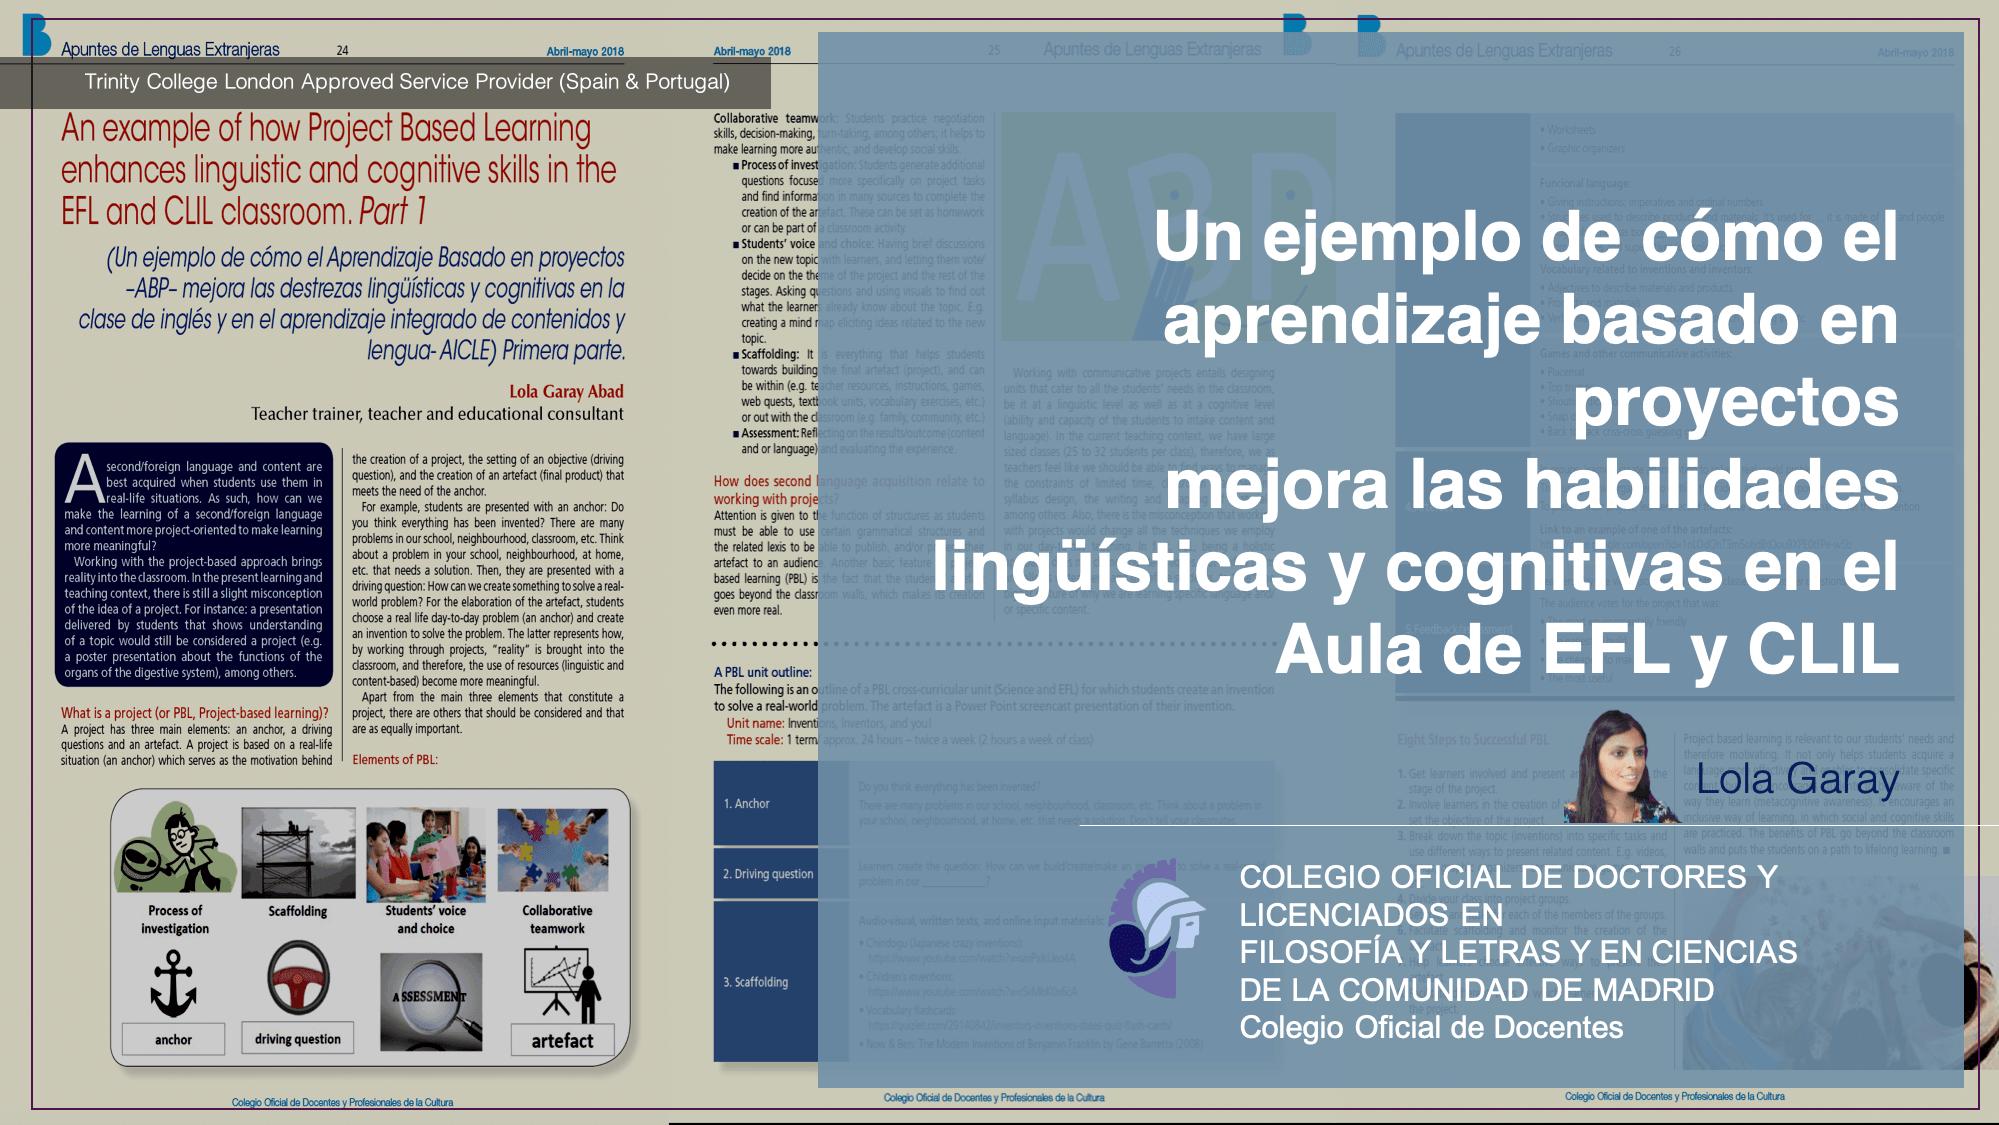 Un-ejemplo-de-cómo-el-aprendizaje-basado-en-proyectos-mejora-las-habilidades-lingüísticas